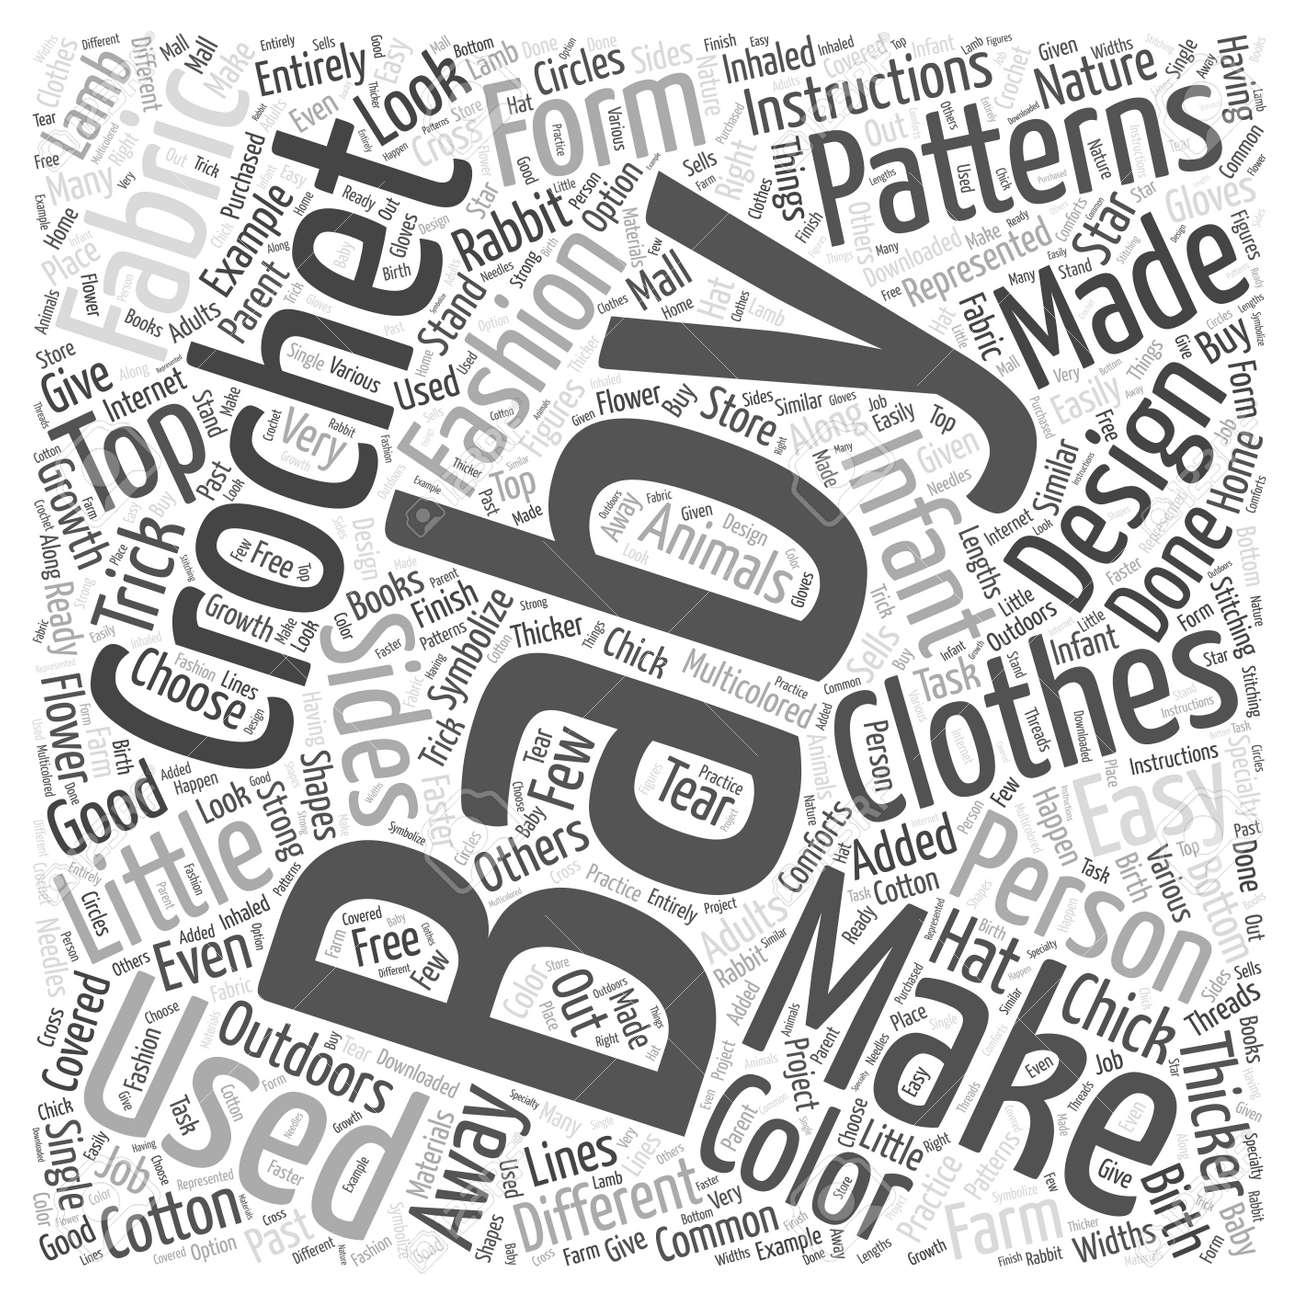 Häkelarbeitbaby-Muster Wort Cloud-Konzept Lizenzfrei Nutzbare ...